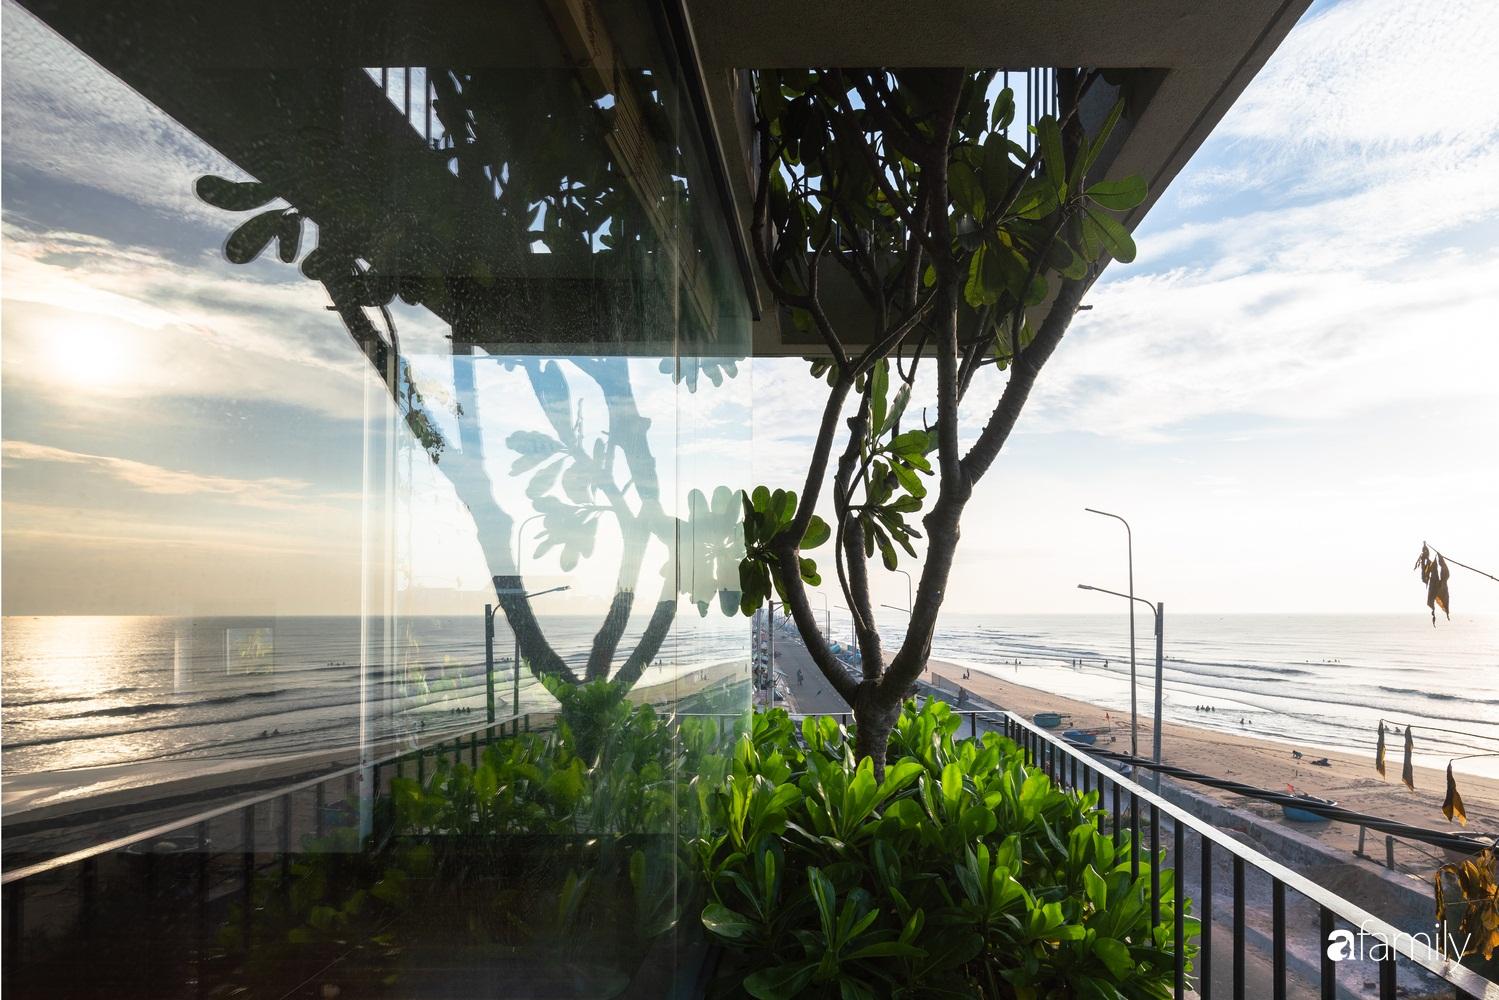 Ngôi nhà 3 tầng view biển Vũng Tàu với thiết kế mang ánh sáng và cây xanh đến từng góc nhỏ - Ảnh 5.